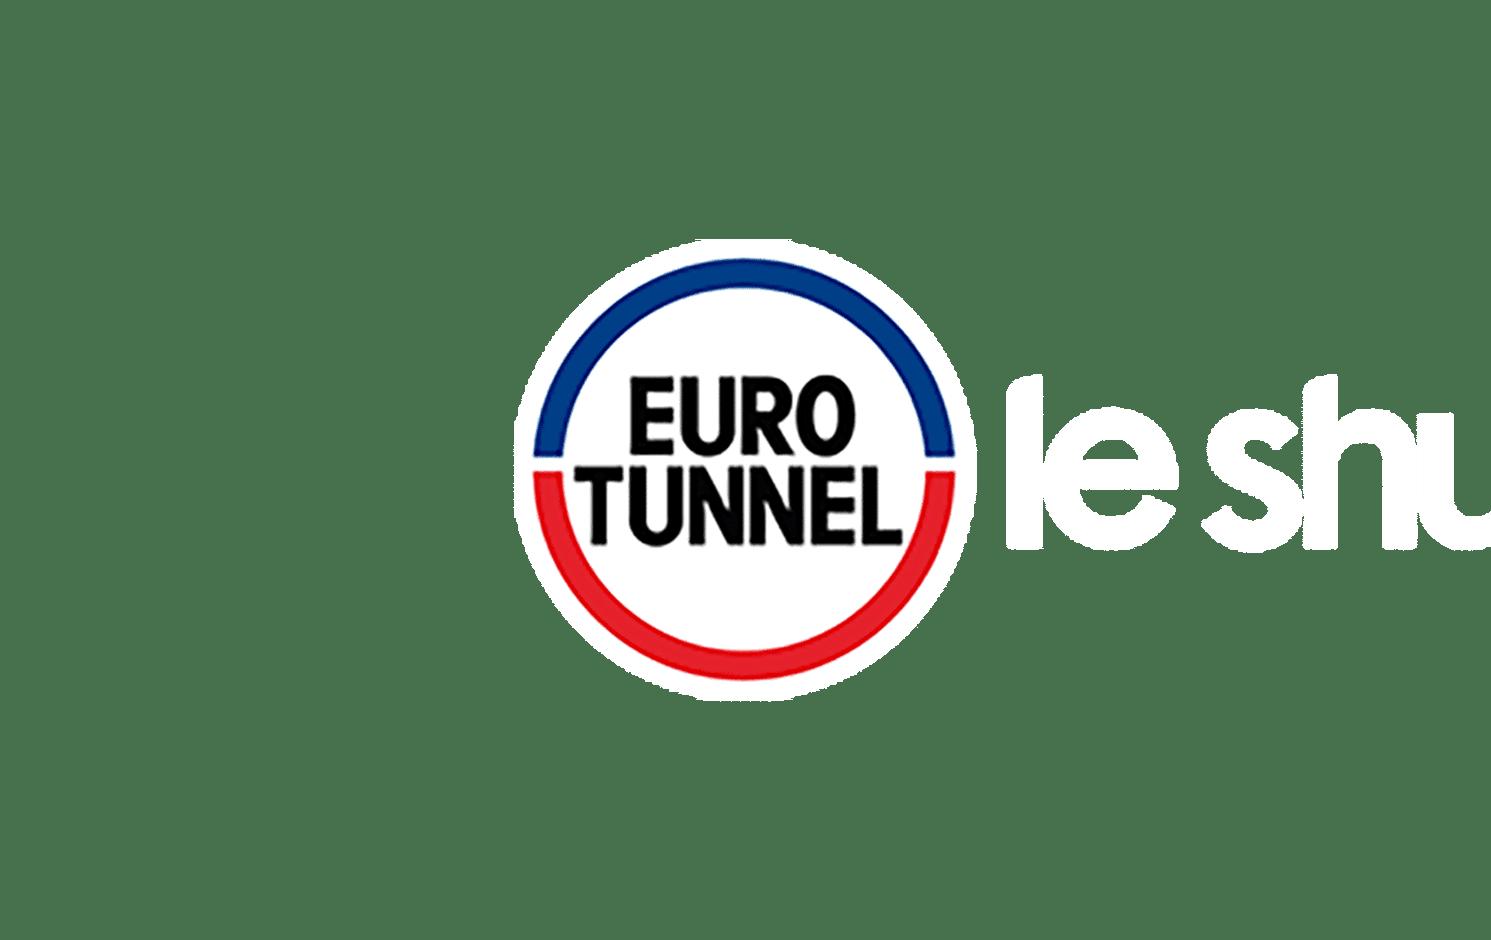 Eurotunnel Case Study